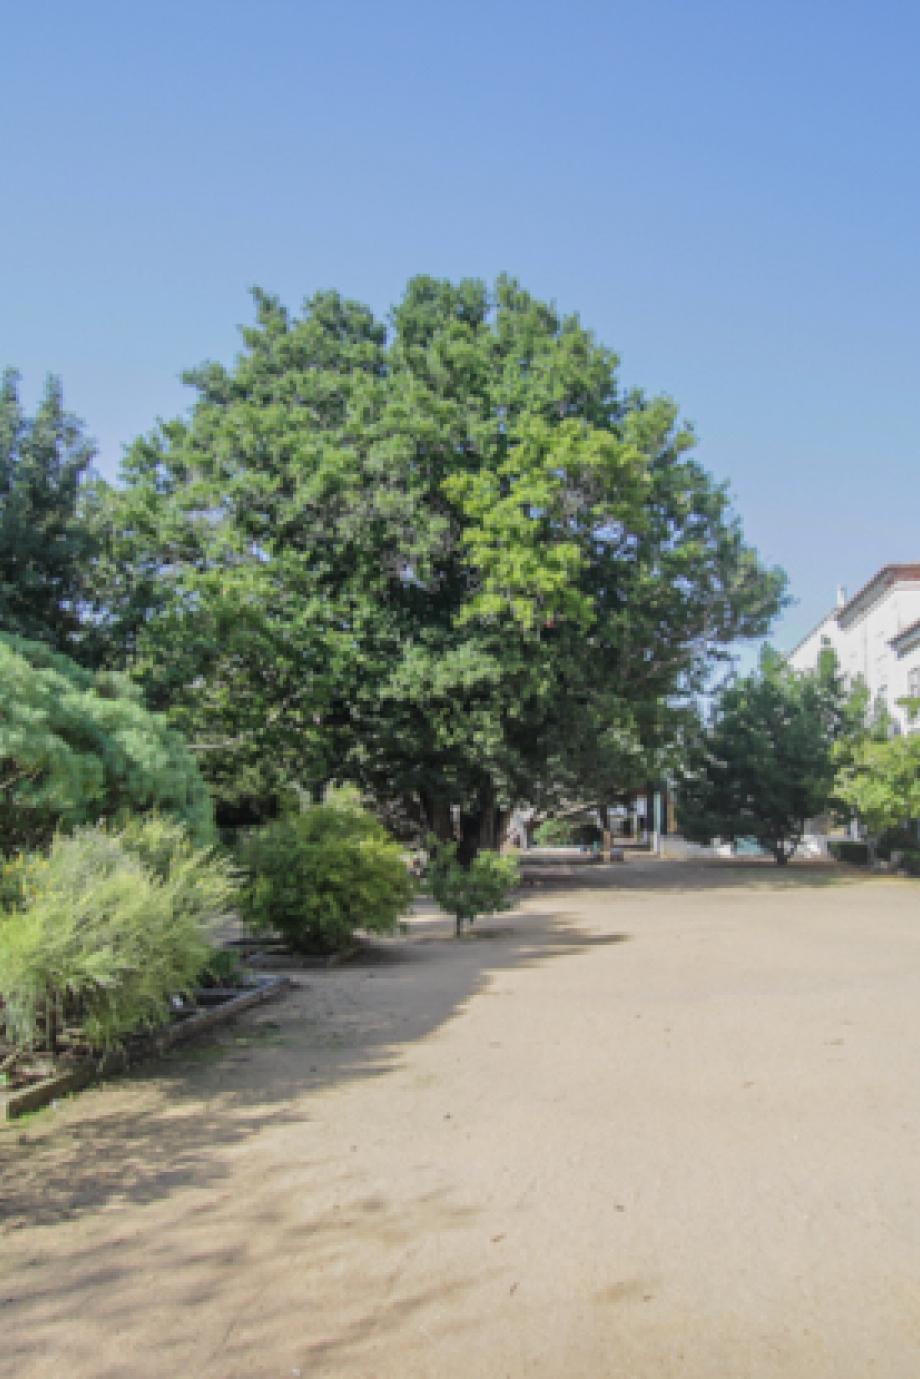 LisboaCool_Visitar_Jardim Botânico da Ajuda